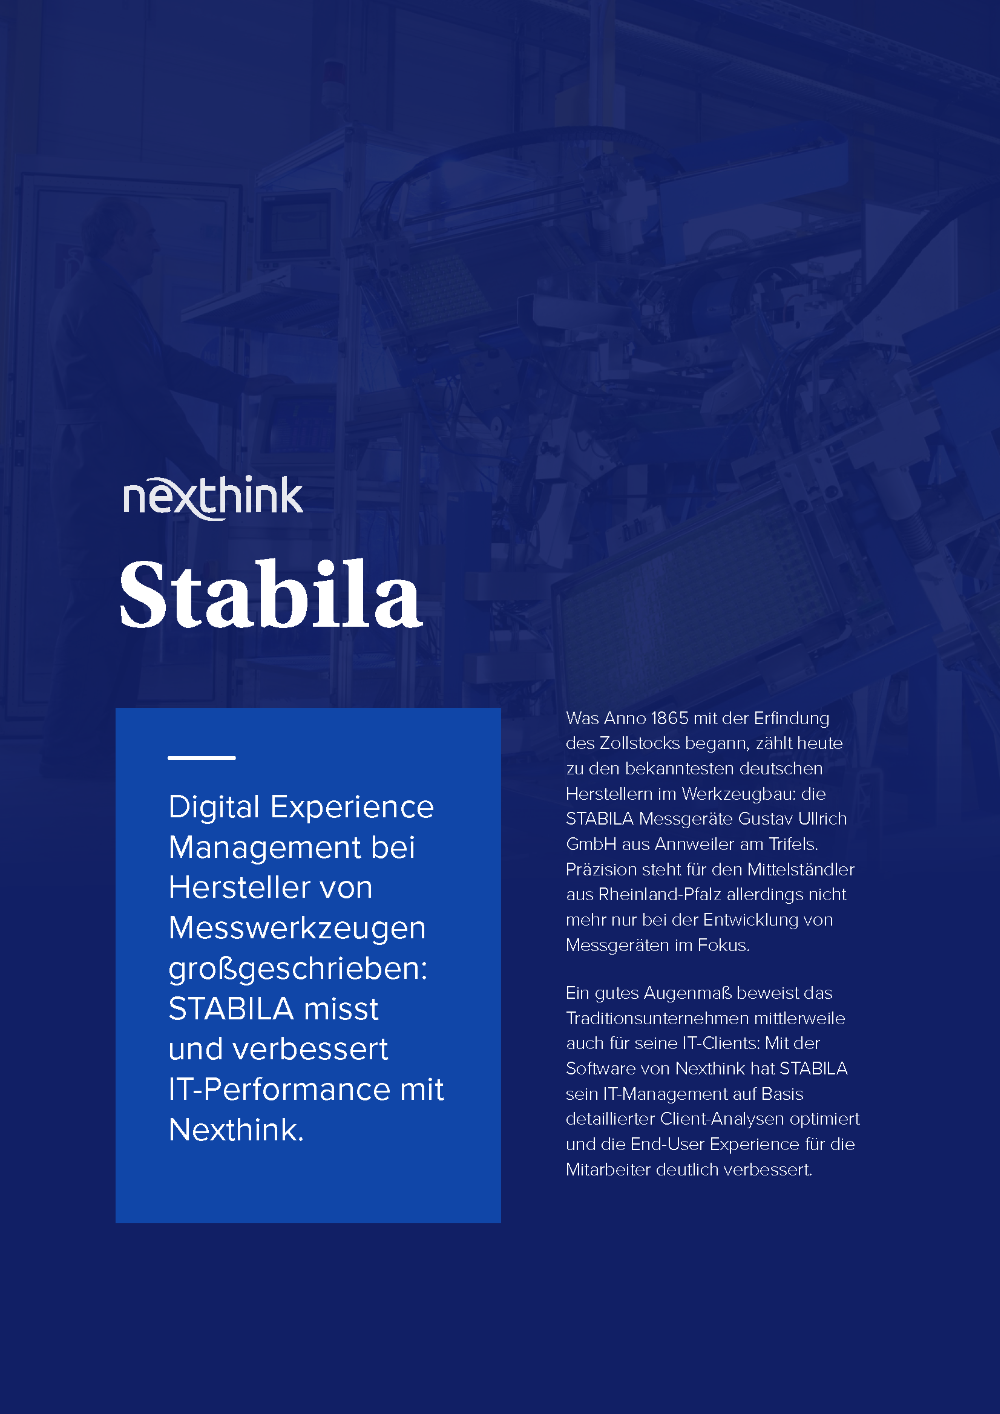 STABILA verbessert IT-Performance mit Nexthink